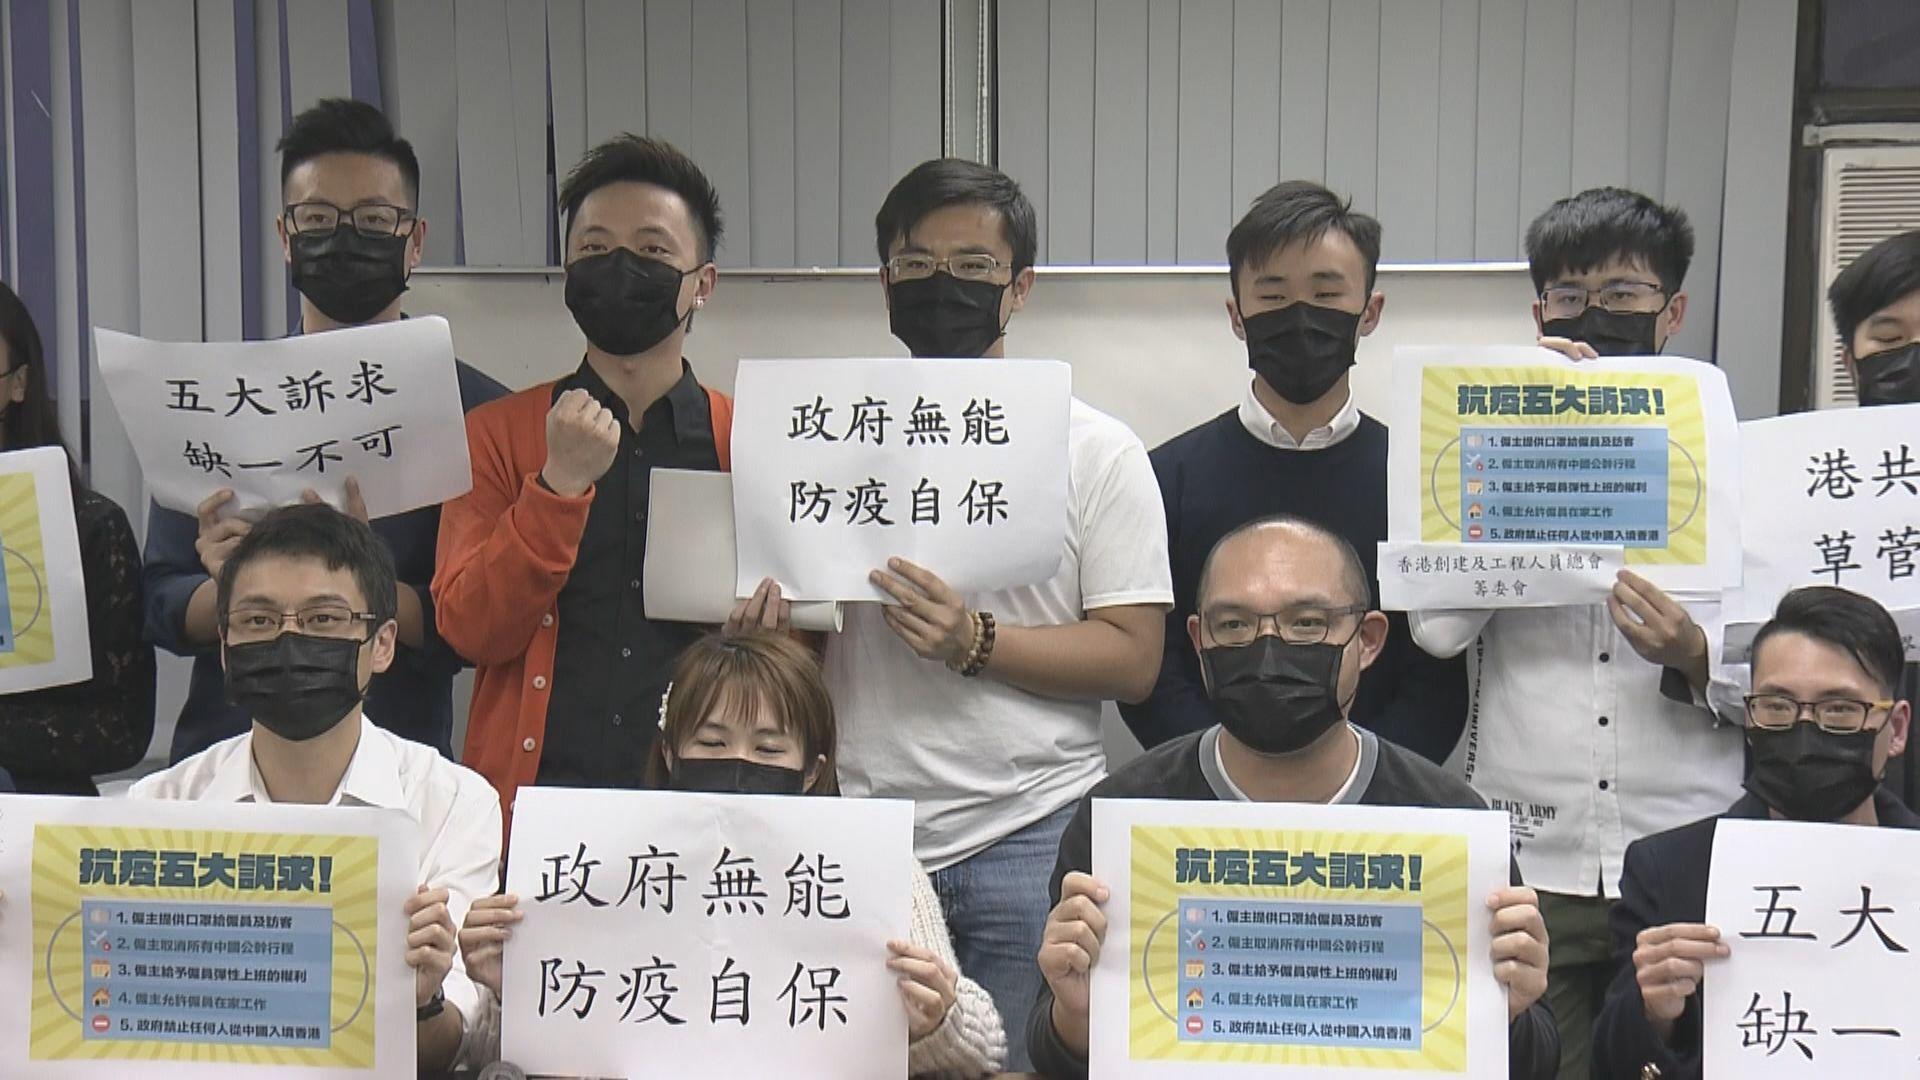 多間工會促政府全面落實香港邊境防疫措施